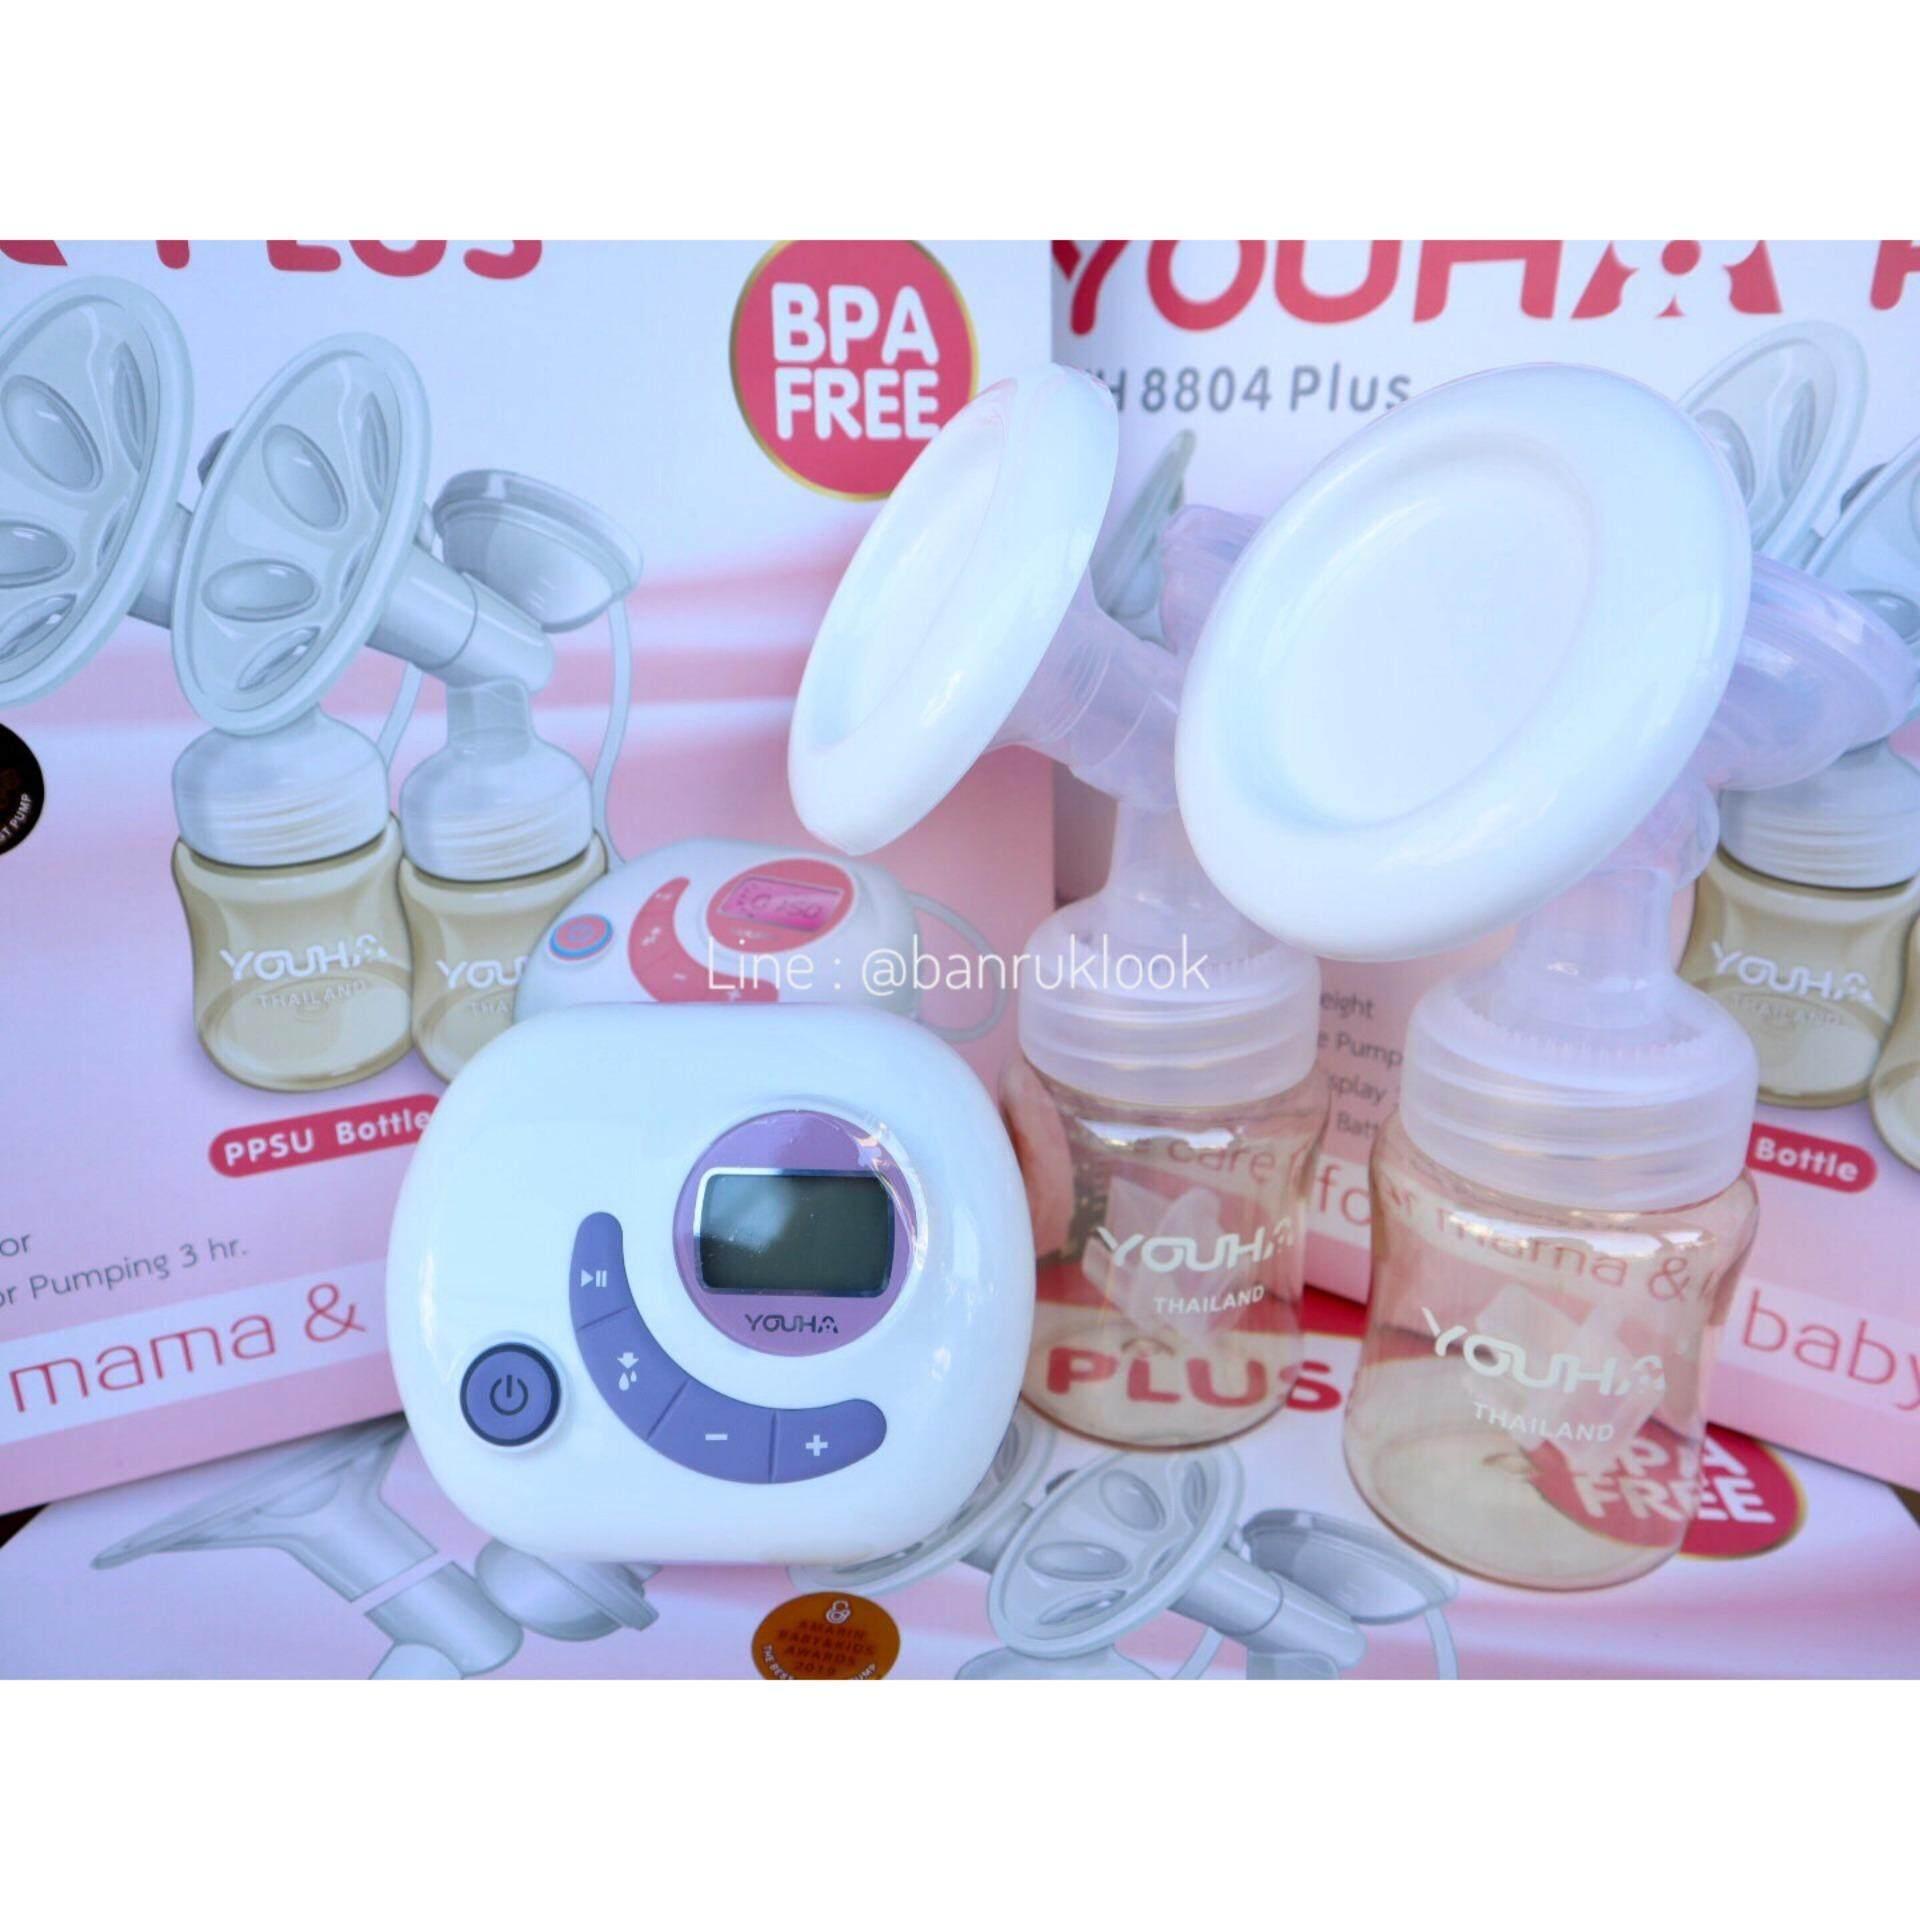 รีวิว Youha Plus เครื่องปั๊มนมไฟฟ้าคู่ยูฮาพลัส รุ่น YH8804+(รับประกัน1ปี) สีม่วง